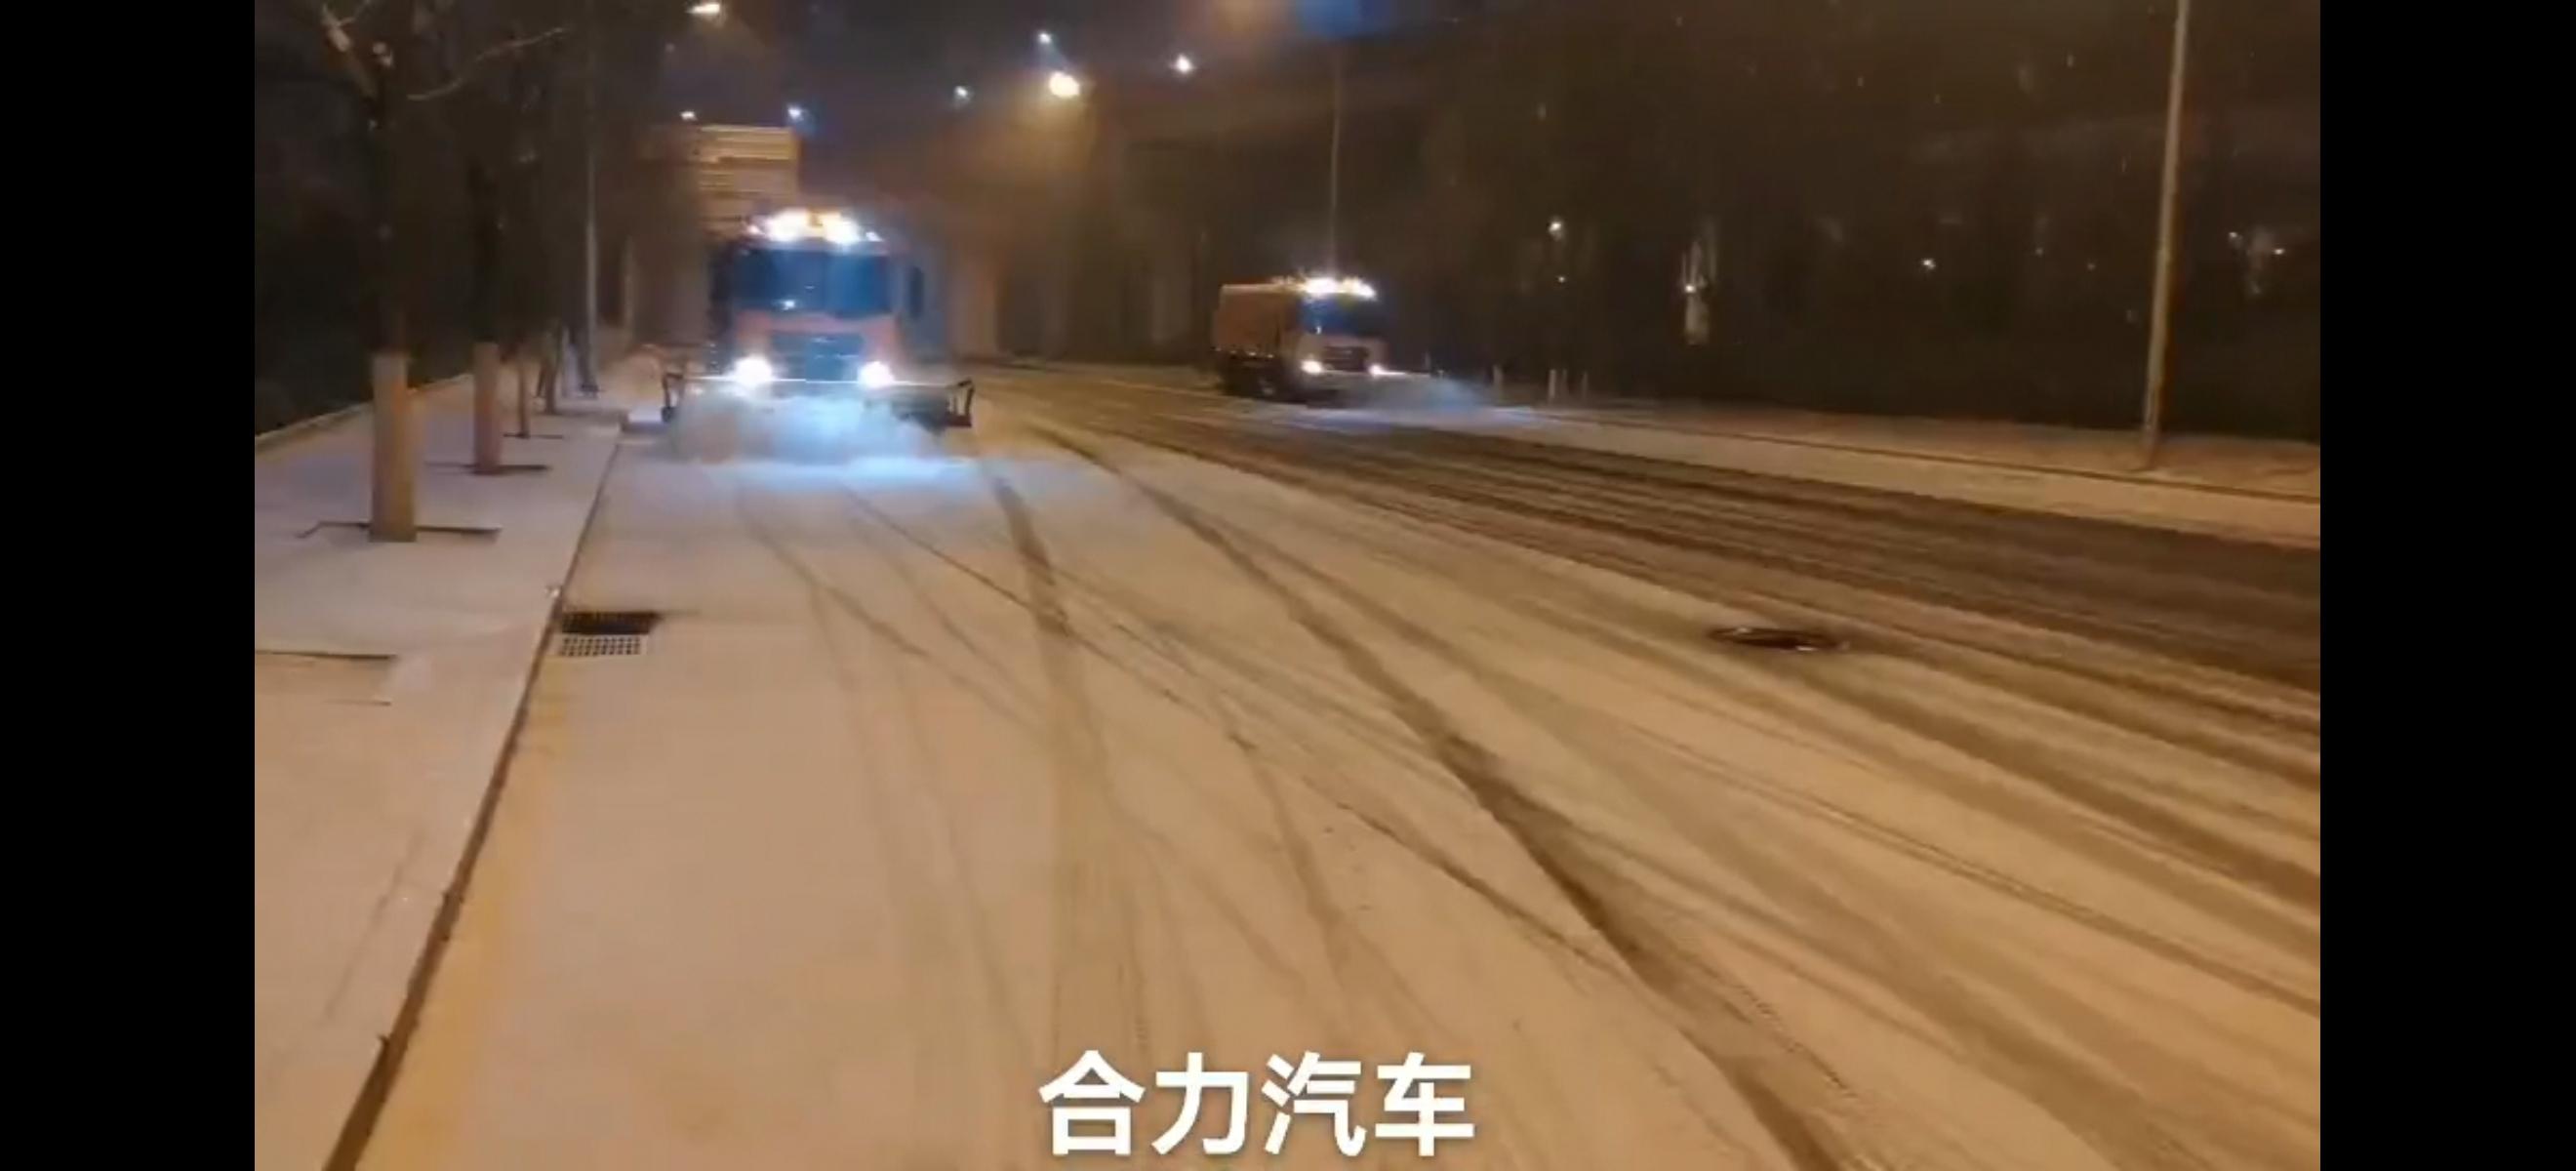 馬路機械化除雪視頻